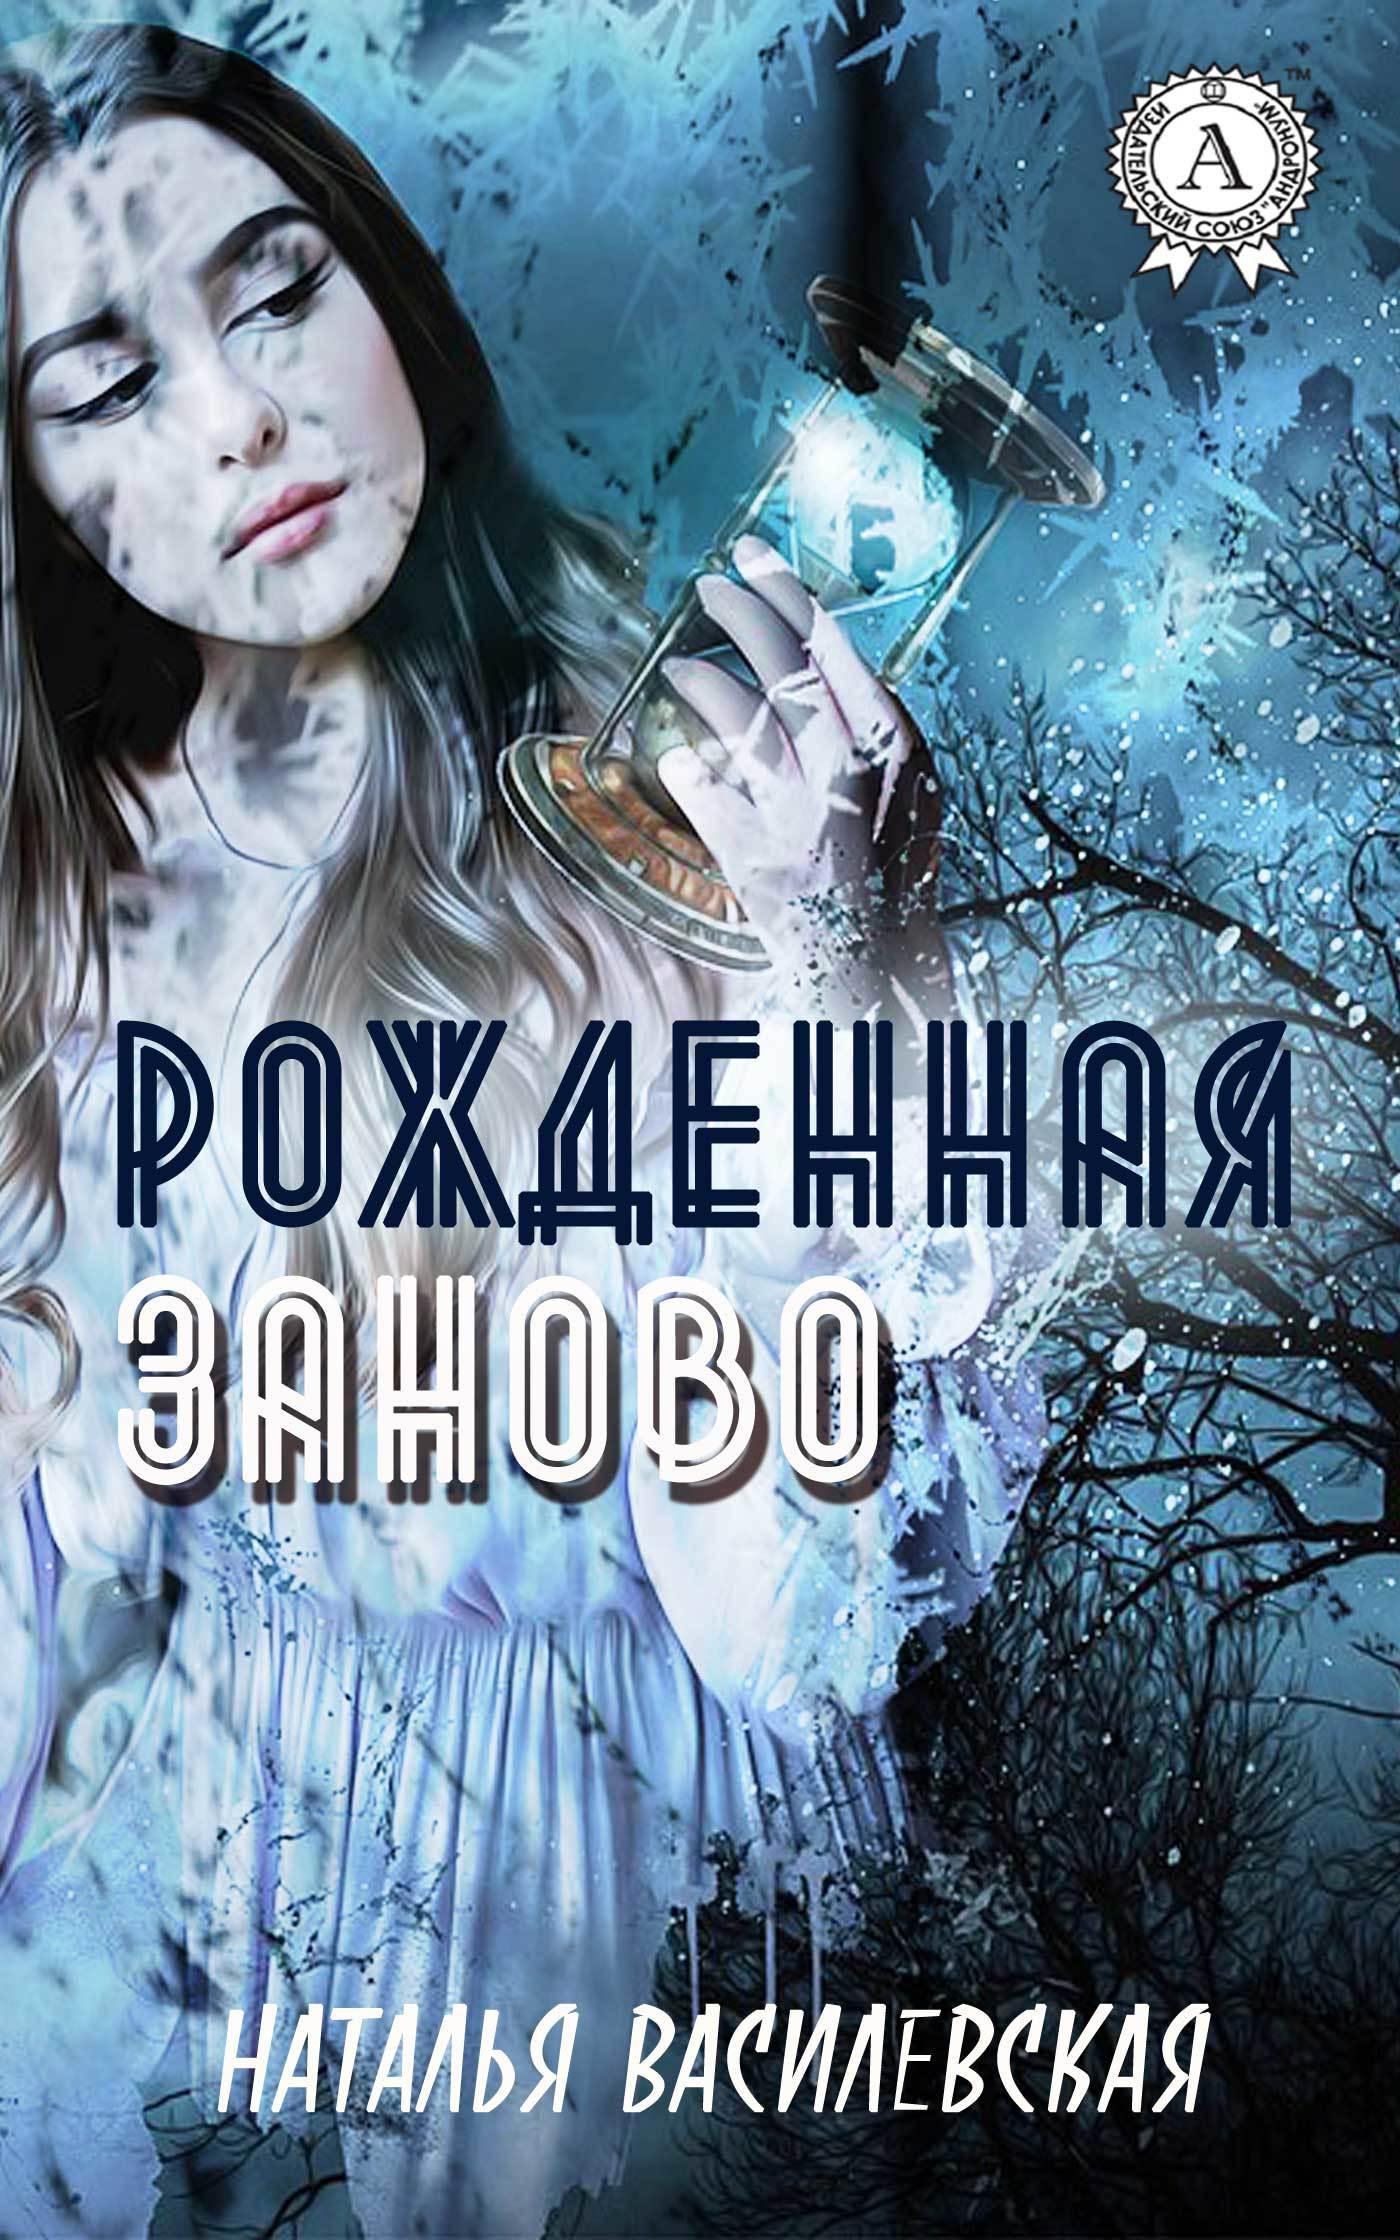 Наталья асилеская Рожденная заноо